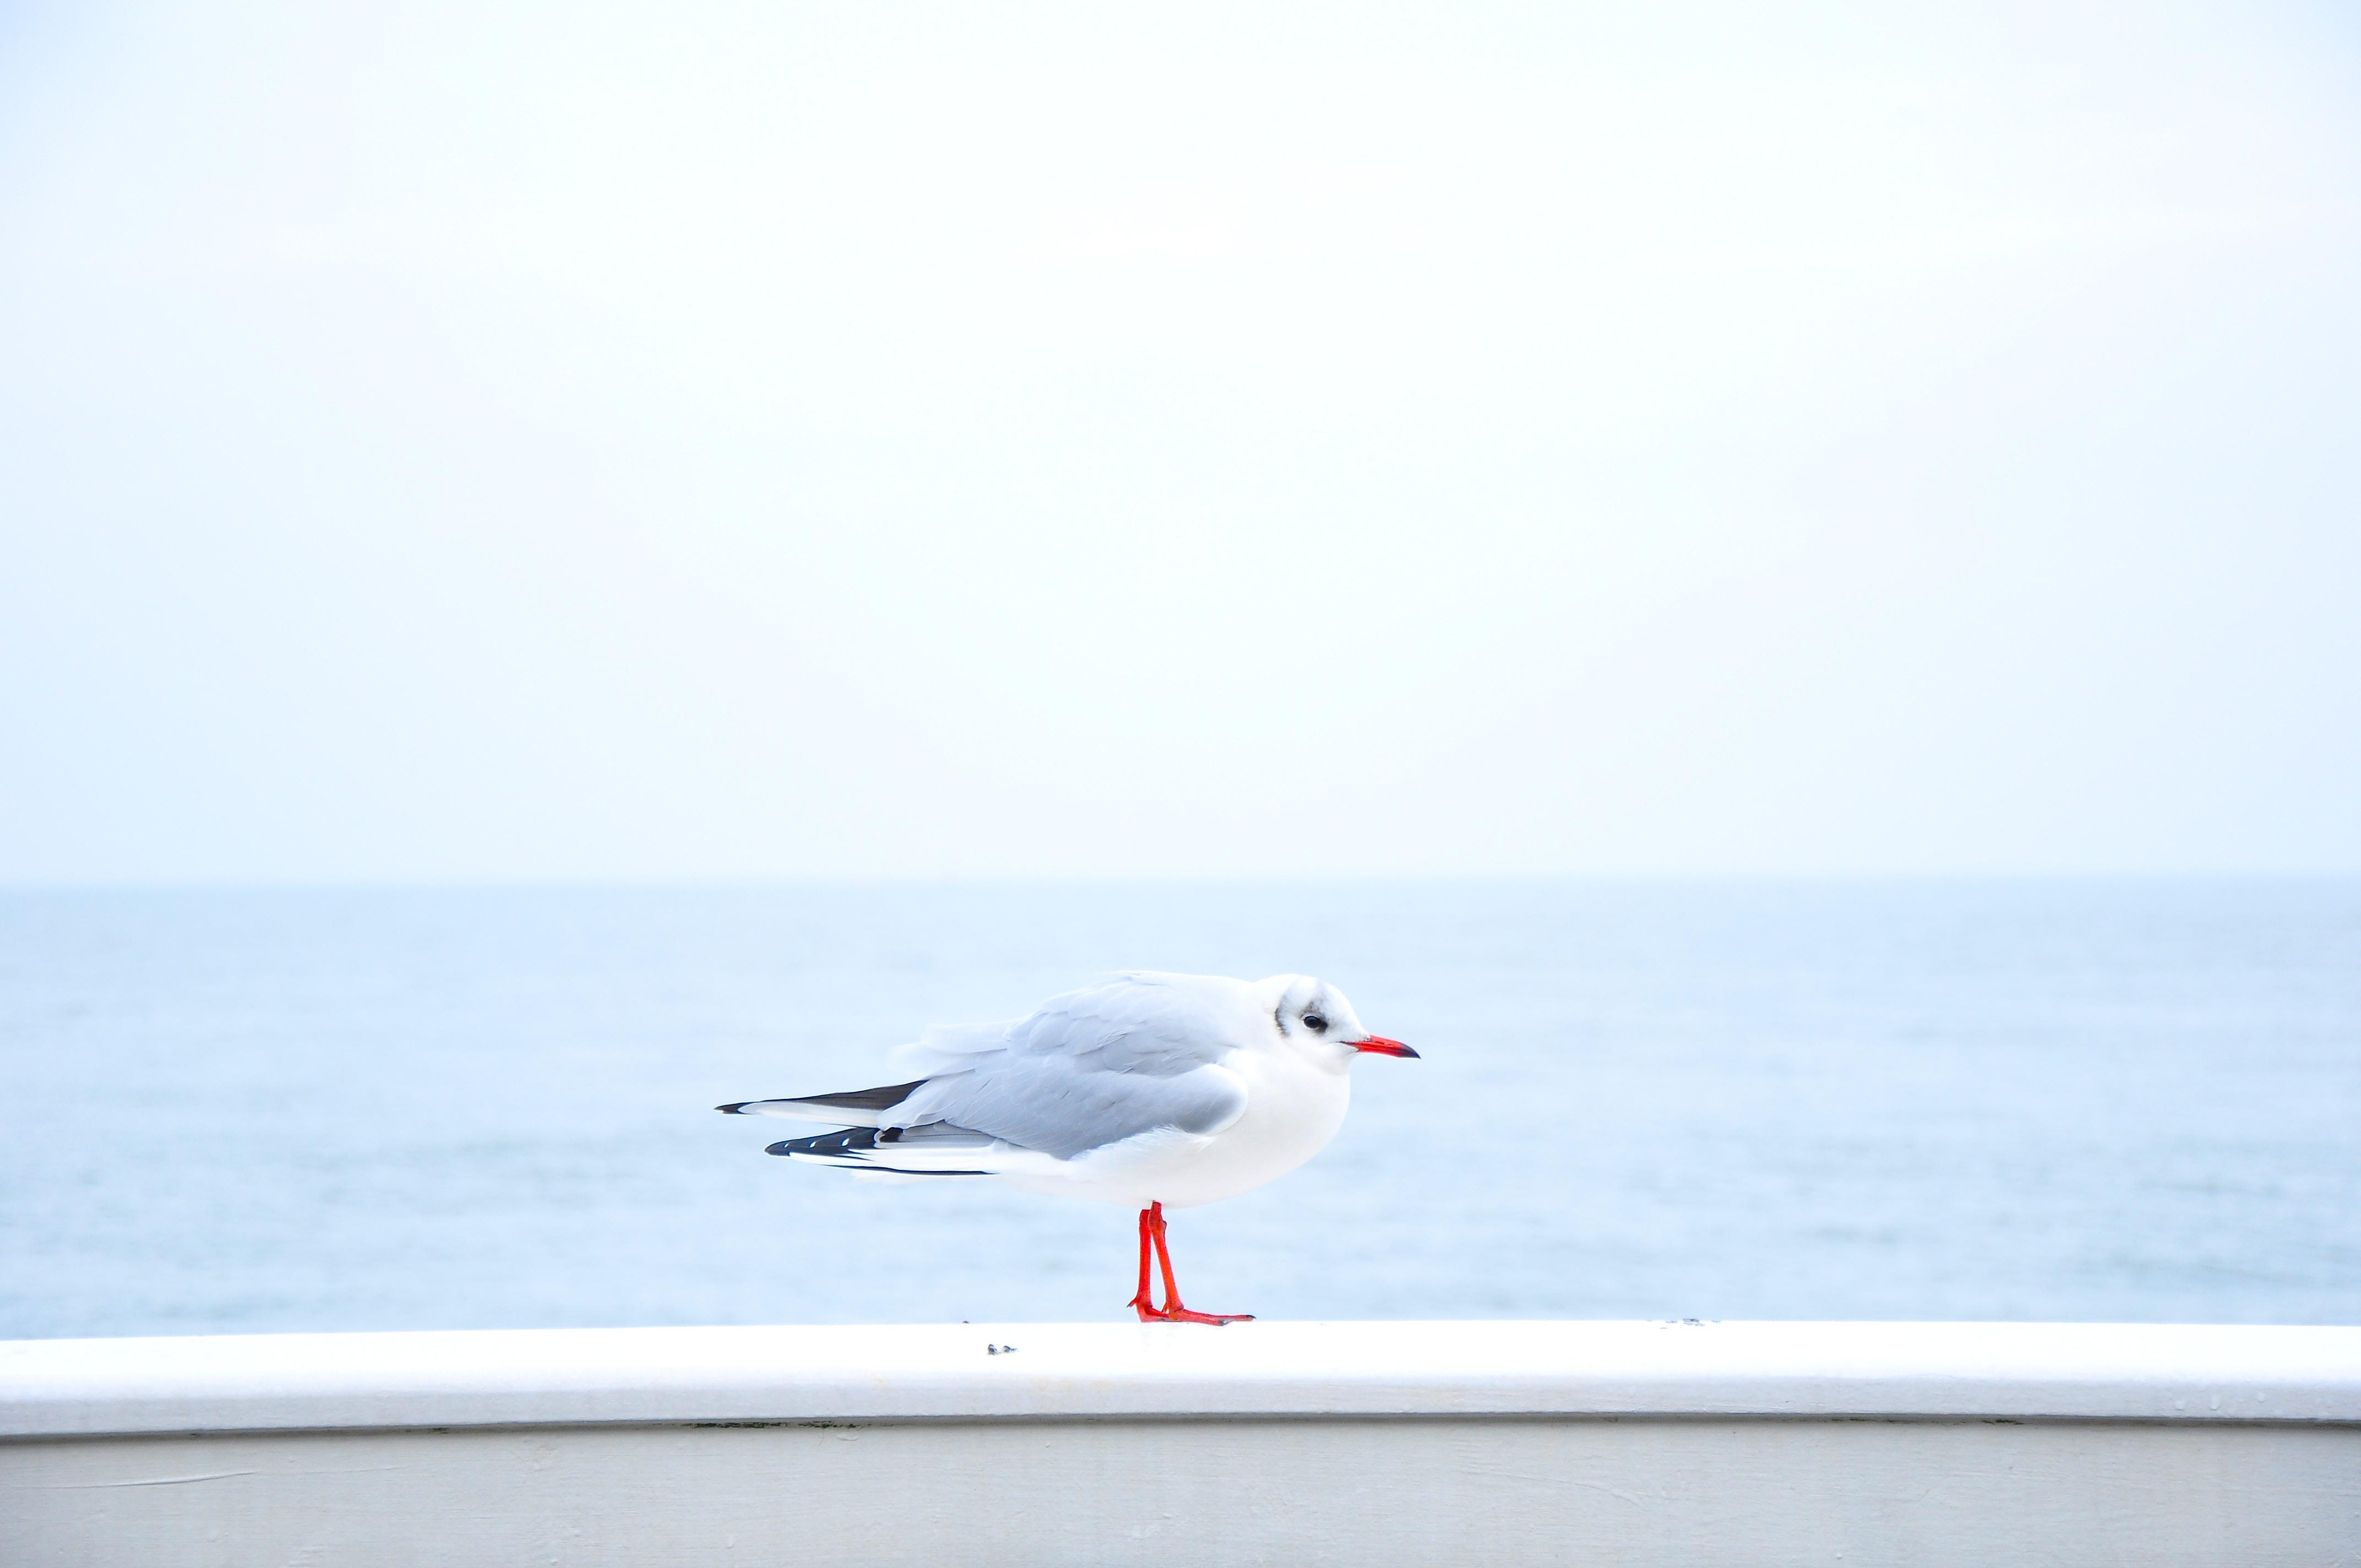 gray and white bird near body of water